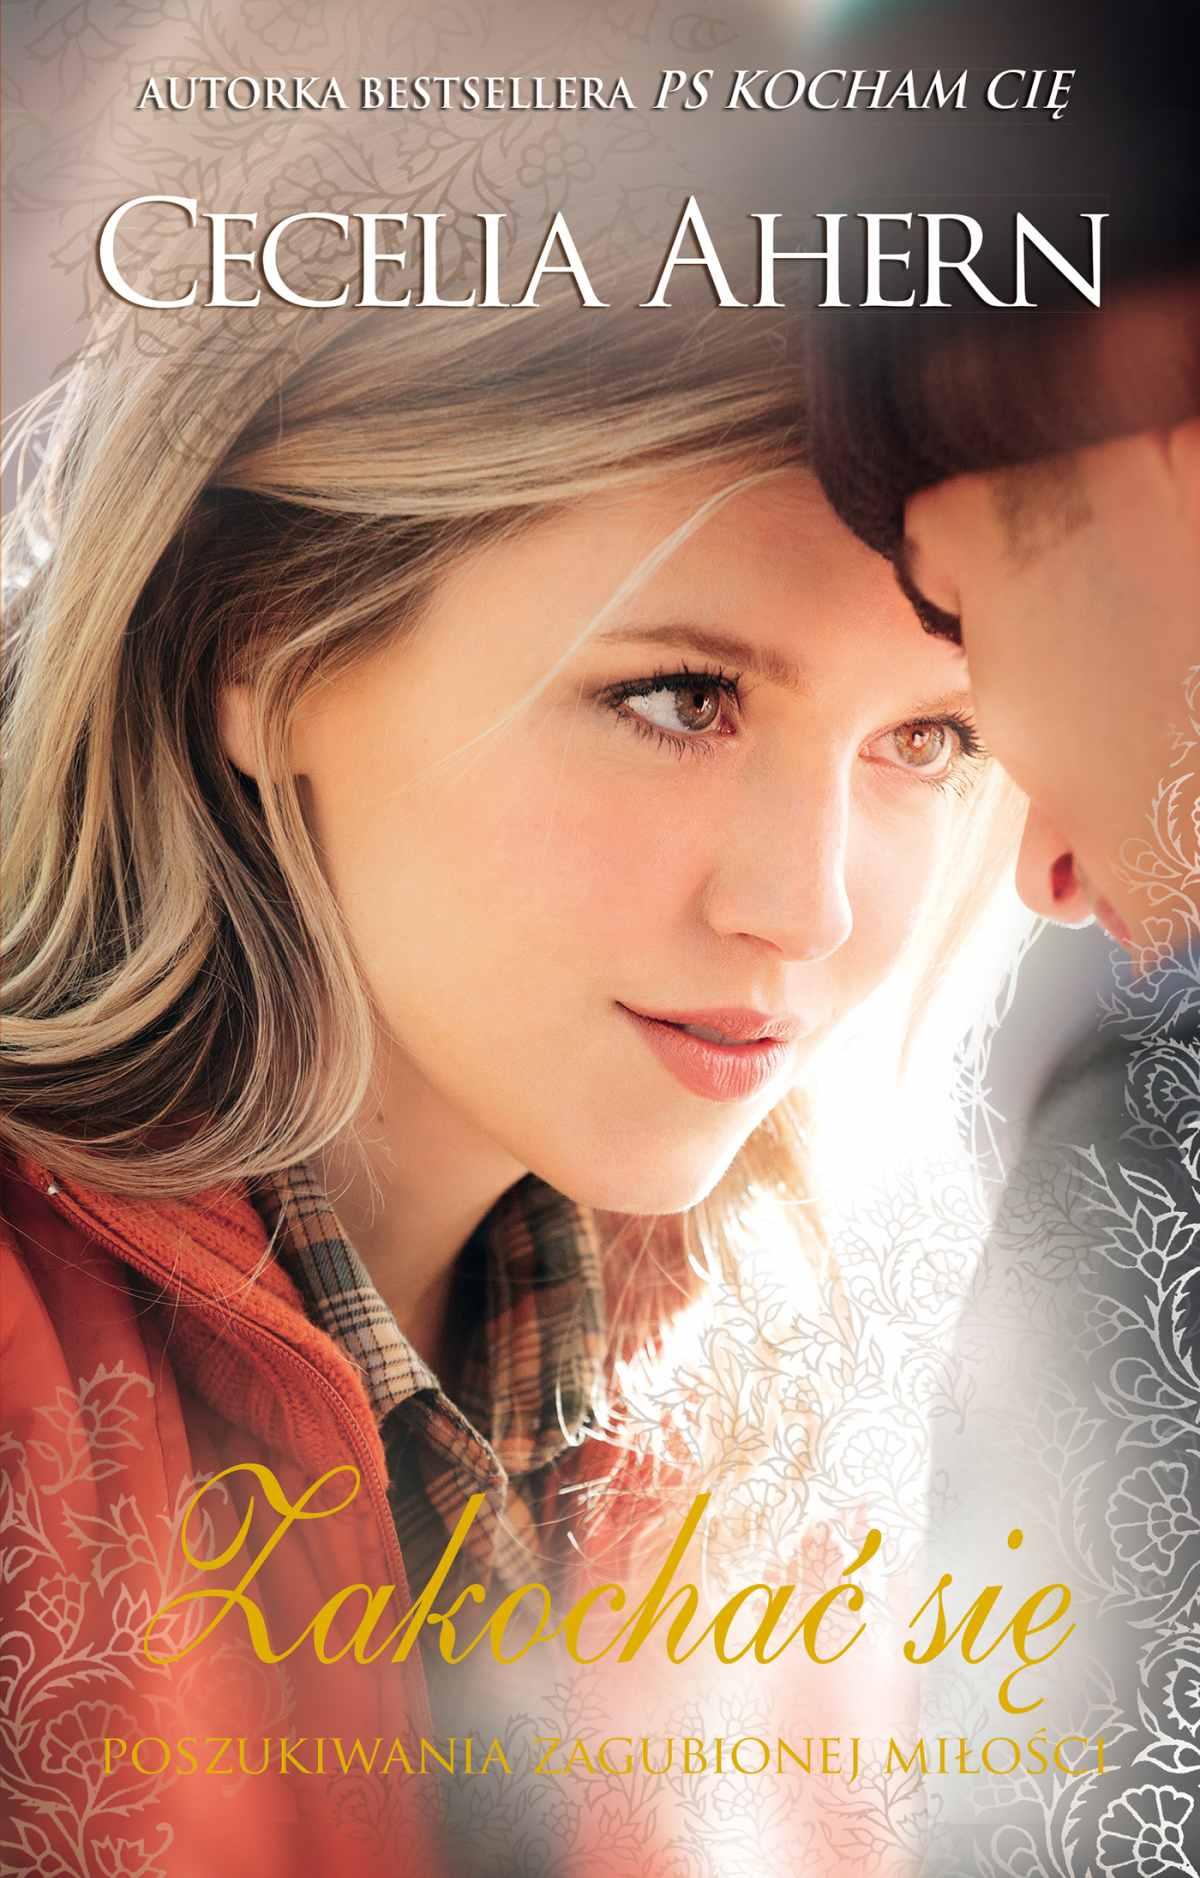 Zakochać się - Ebook (Książka na Kindle) do pobrania w formacie MOBI